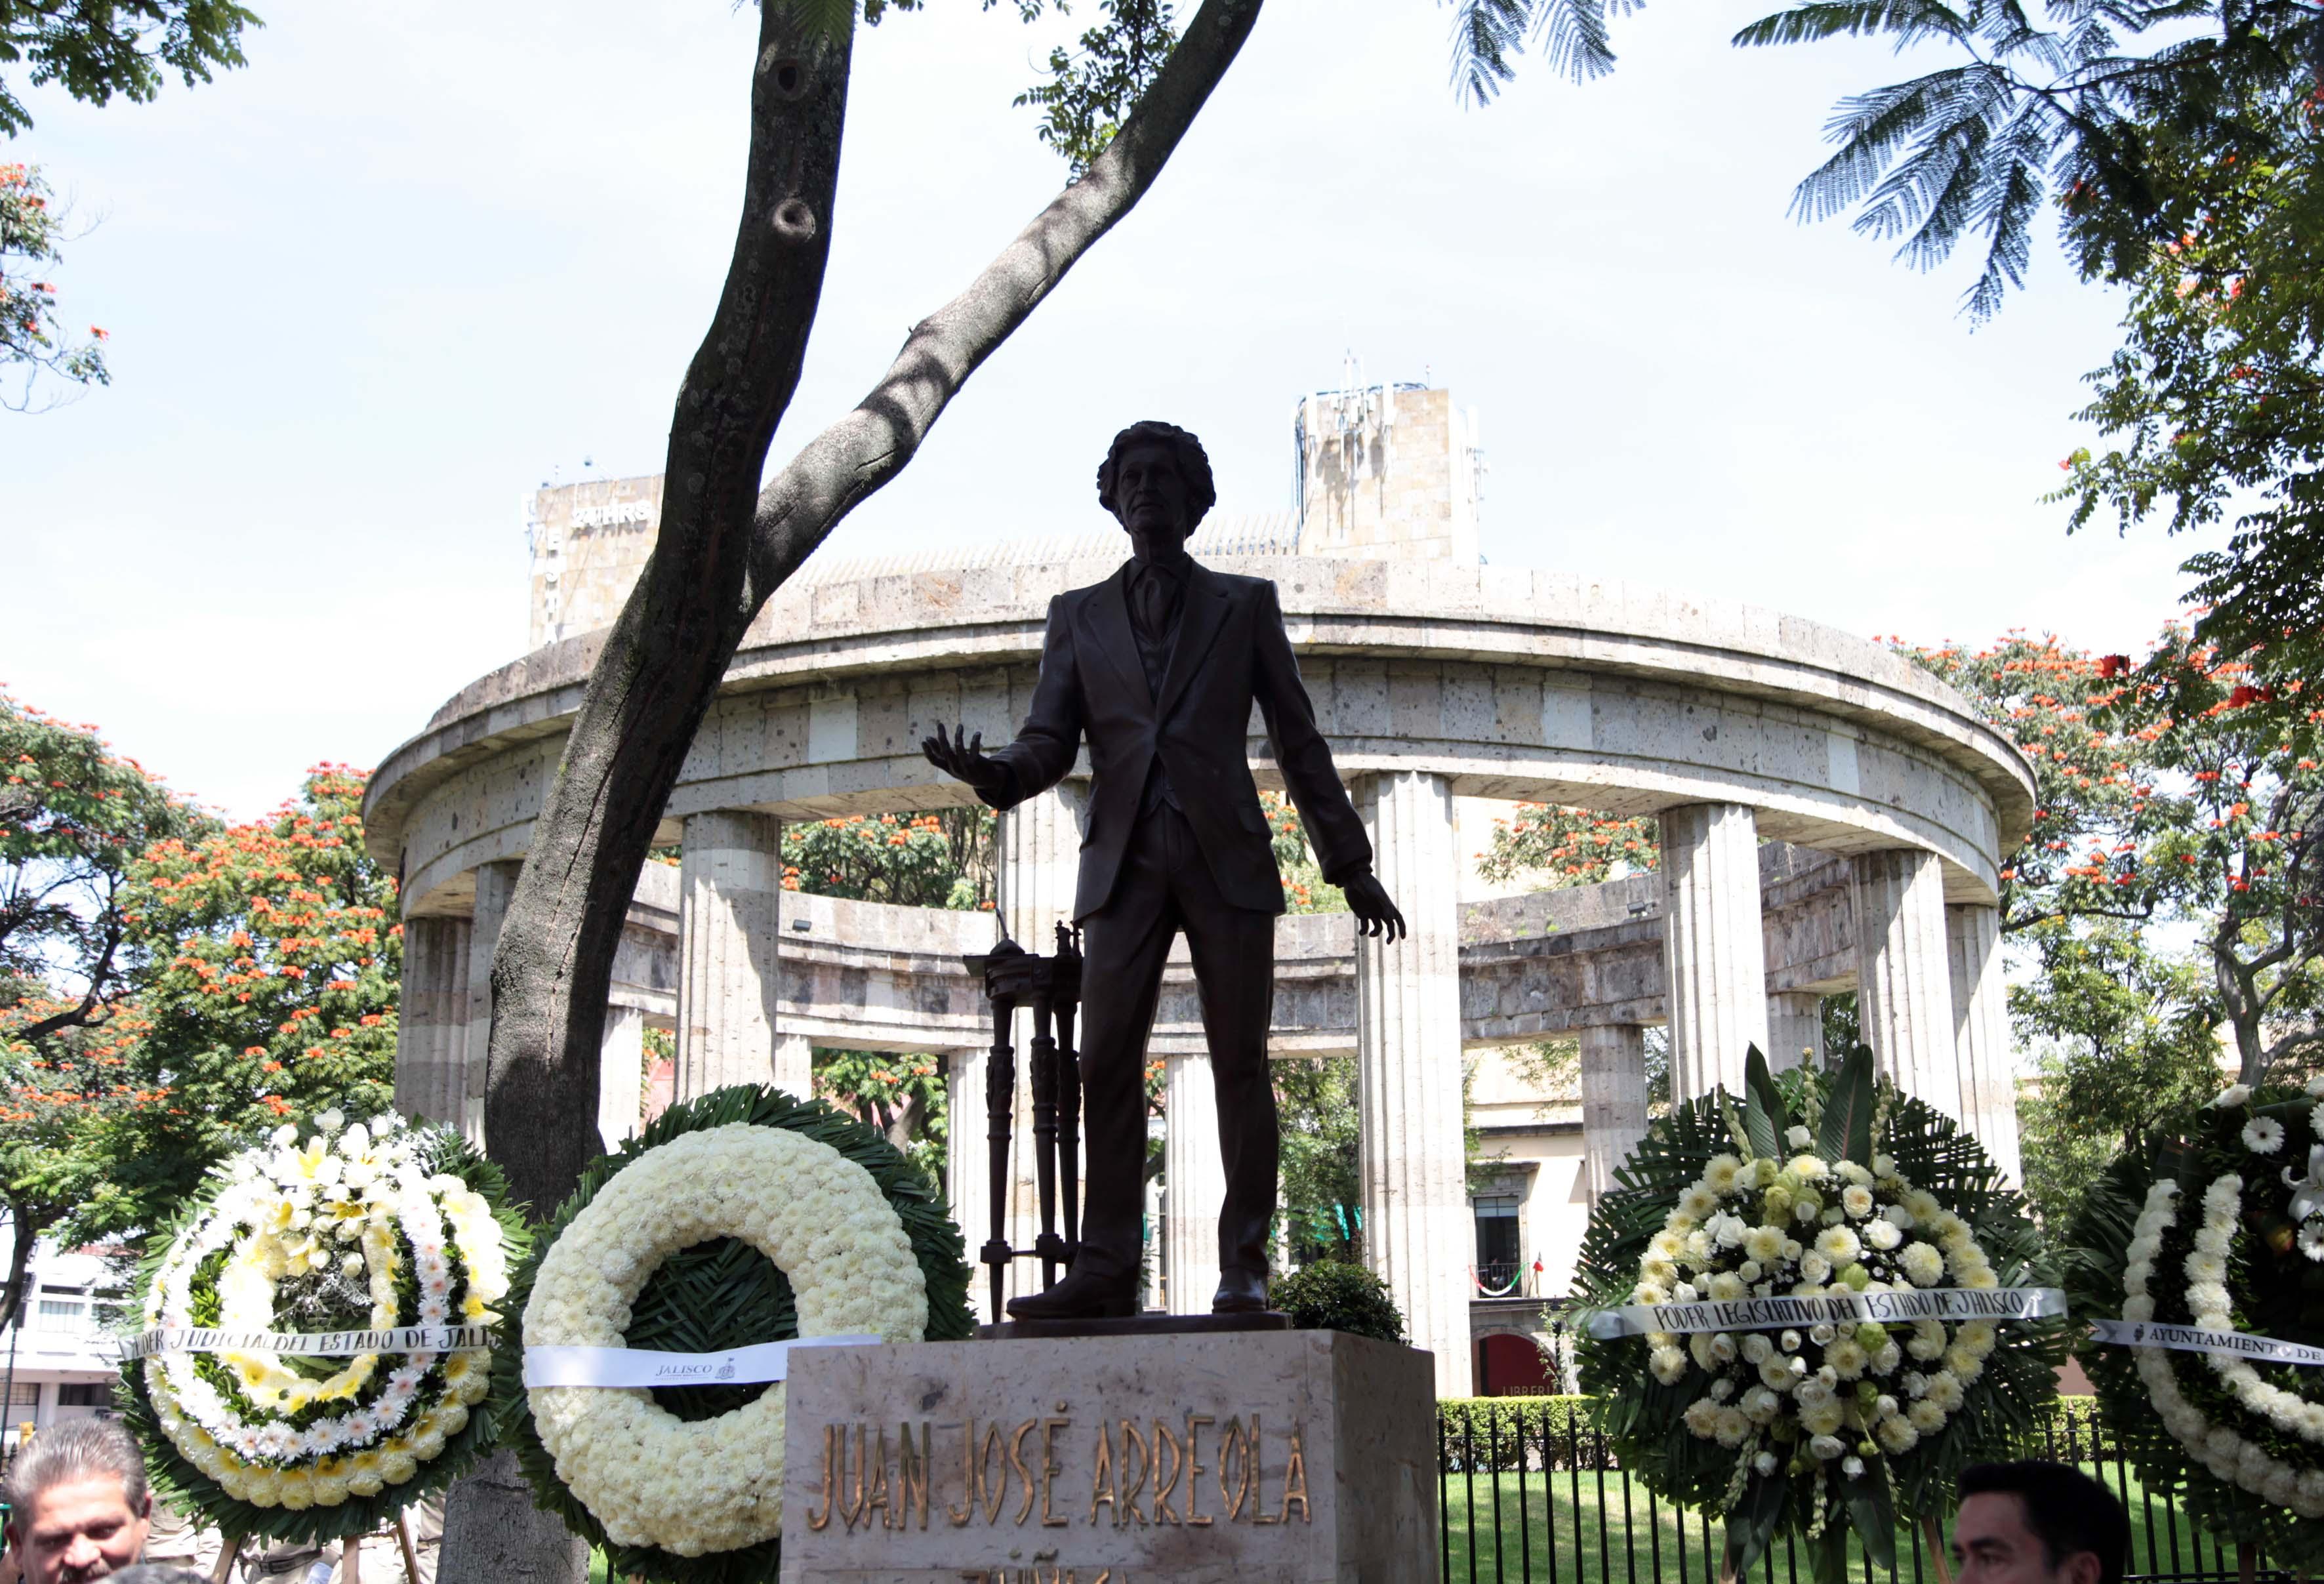 Estatua de Juan José Arreola, en la rotonda de los jaliscienses Ilustres